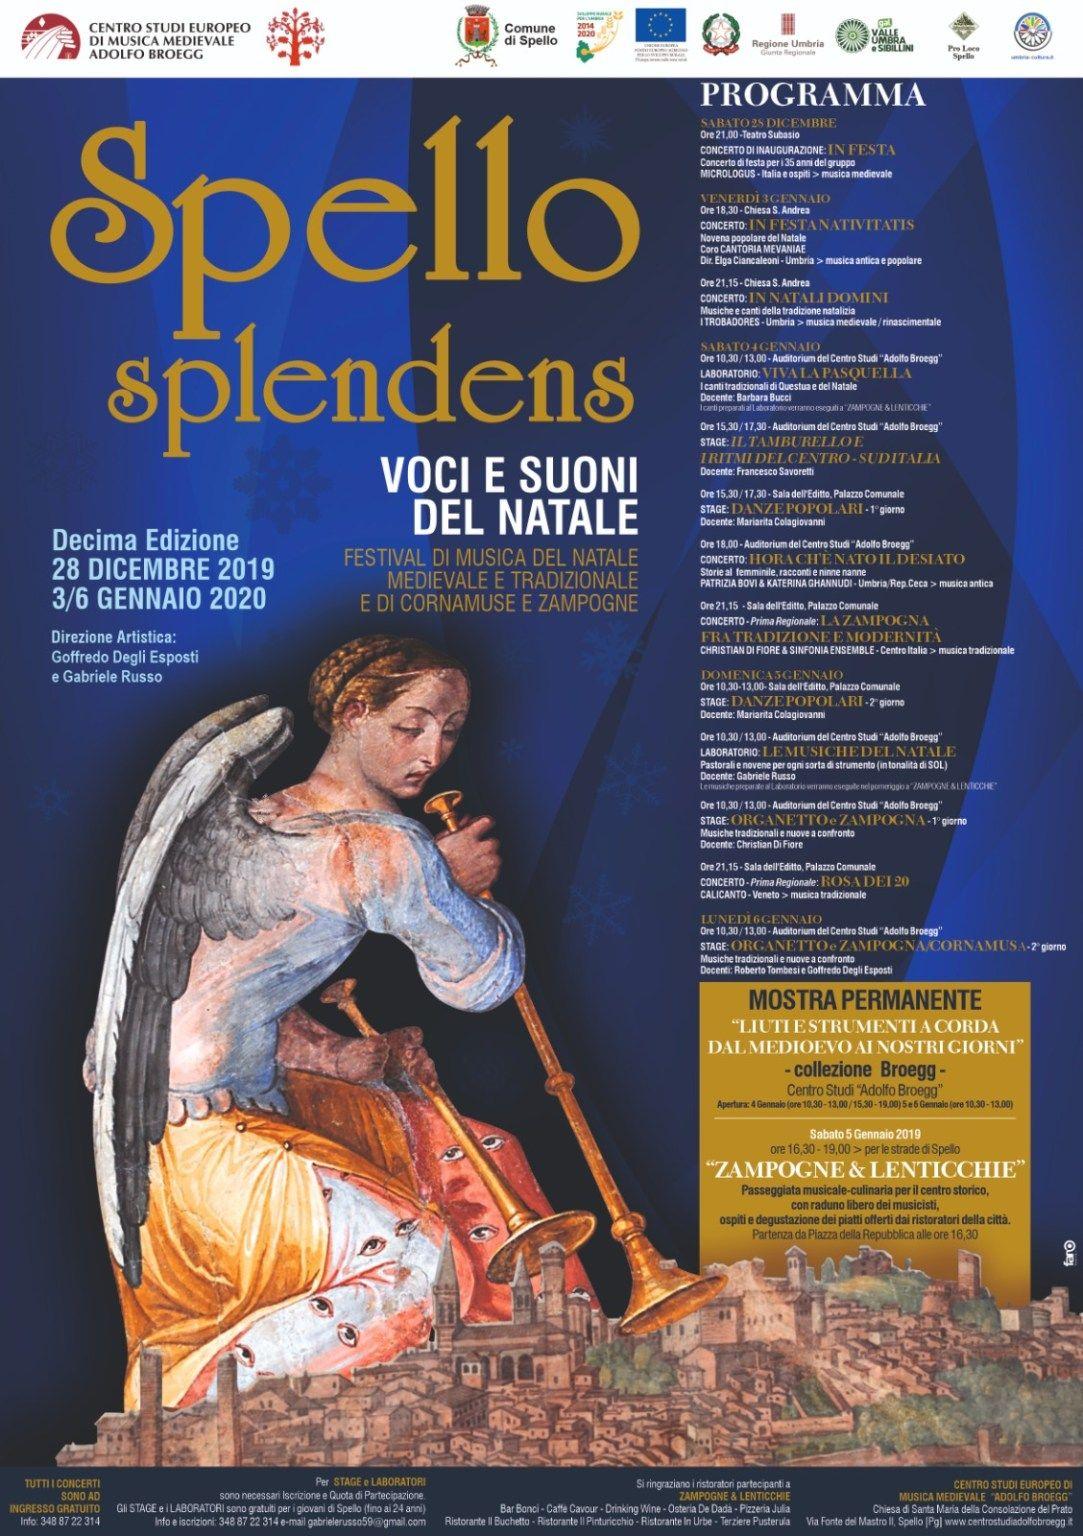 Spello Splendens Decima Edizione Musica Medievale Musica Libri